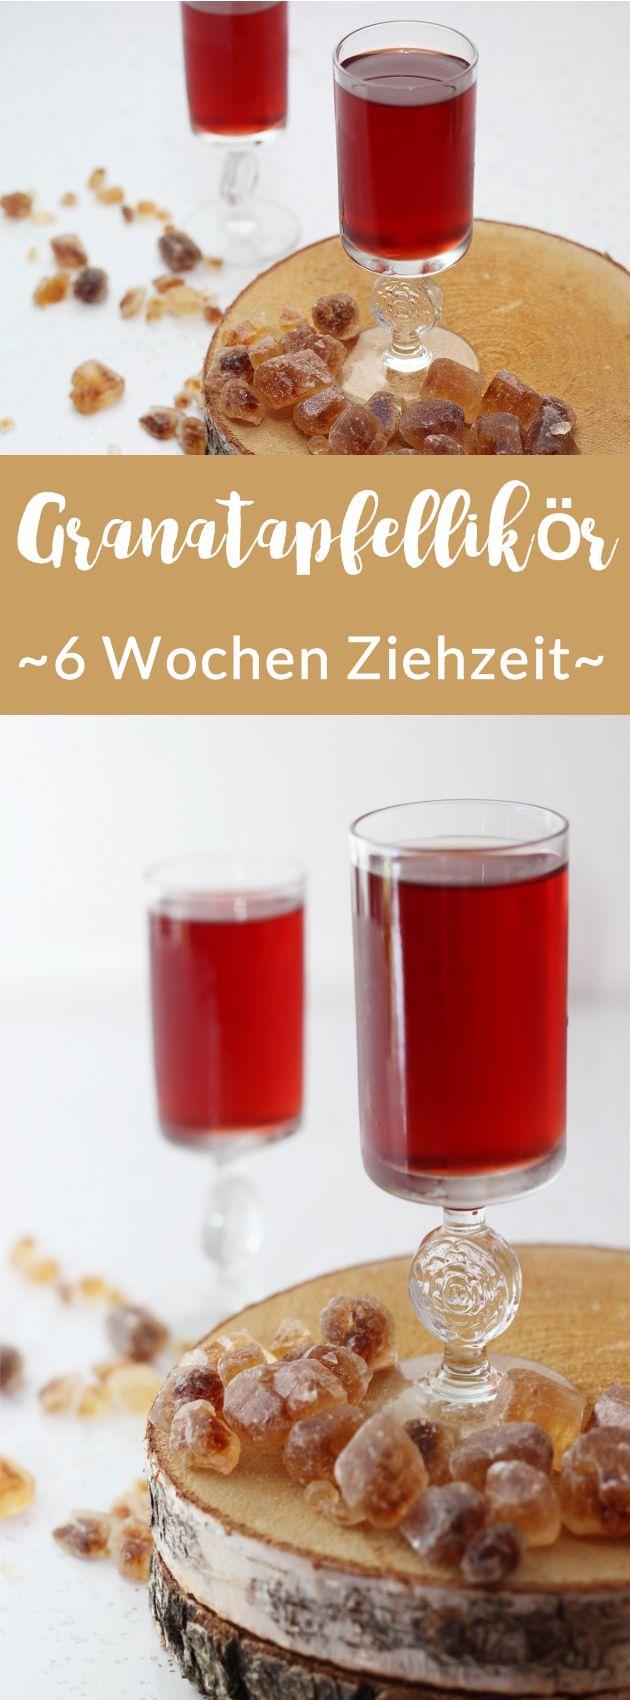 Selbstgemachter Likör mit Granatapfel | Granatapfellikör mit Vanille, Wodka und braunem Zucker | 6 Wochen Ziehzeit | #likör #rezept